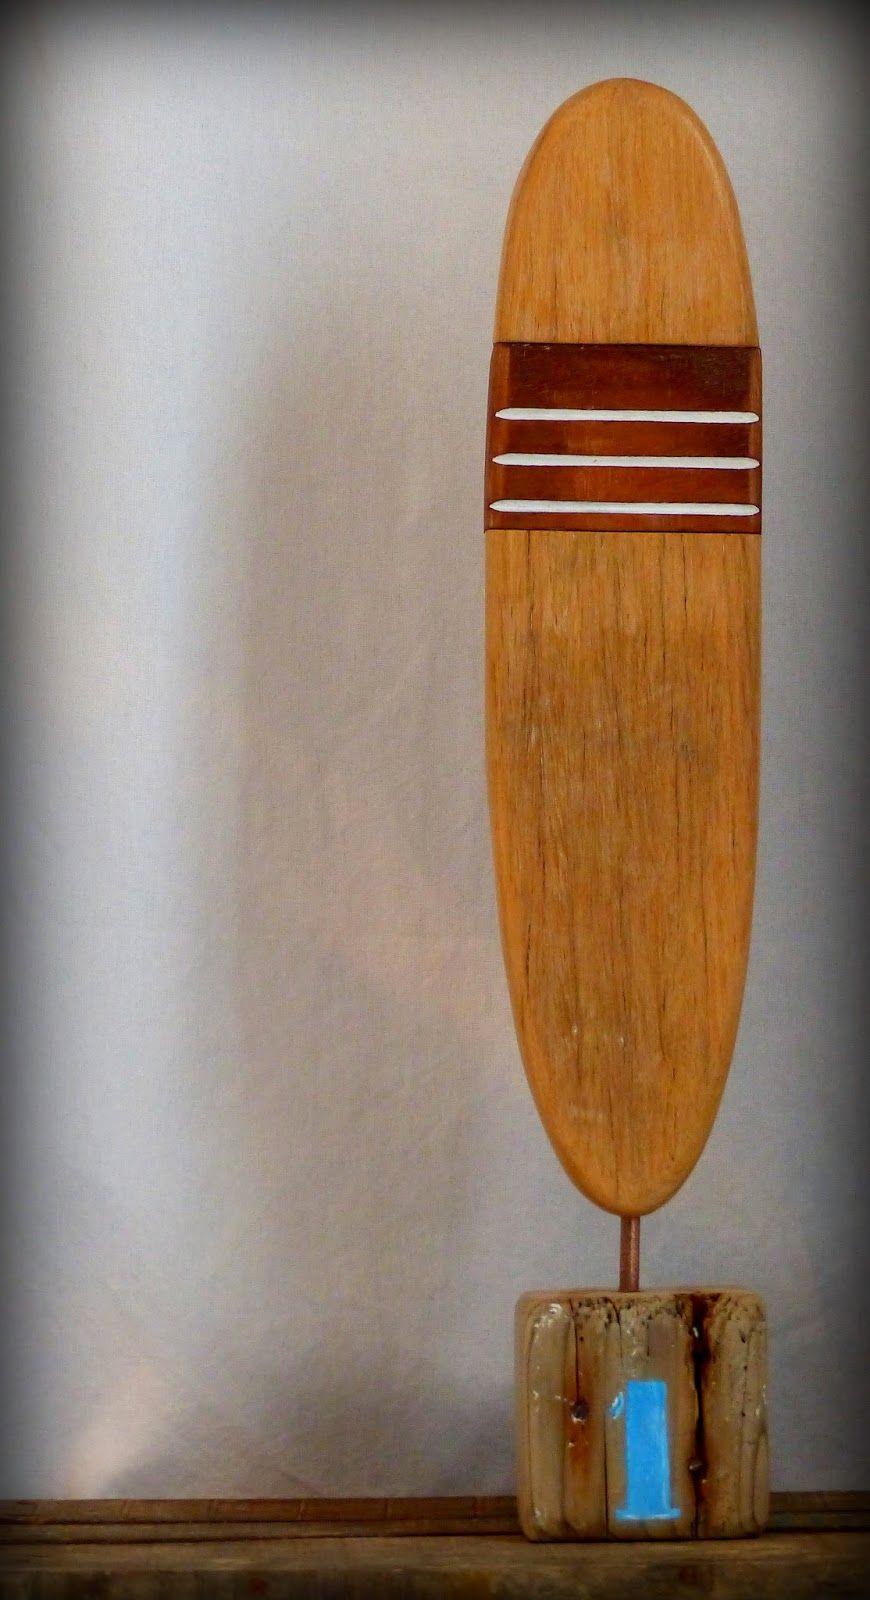 N°1 Surf trophy by Mutoz inc. Création surf art en bois flotté et métal